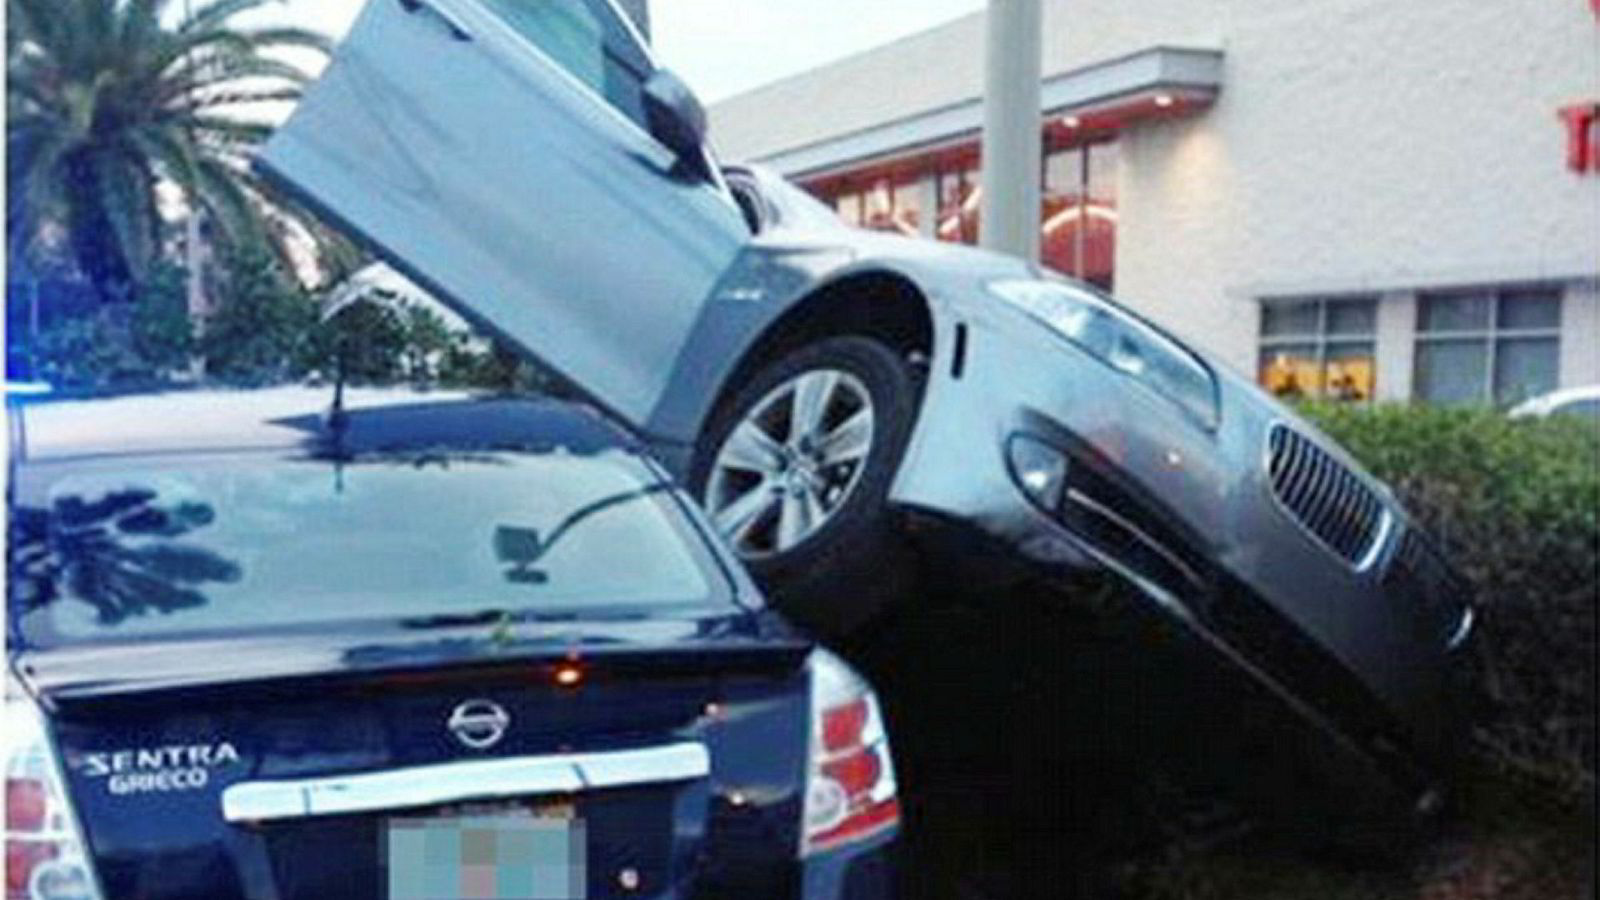 Kan vi stole på dingsene våre? I 2014 påstod en BMW eier at parkeringsassistenten i blien forårsaket denne parkeringen.